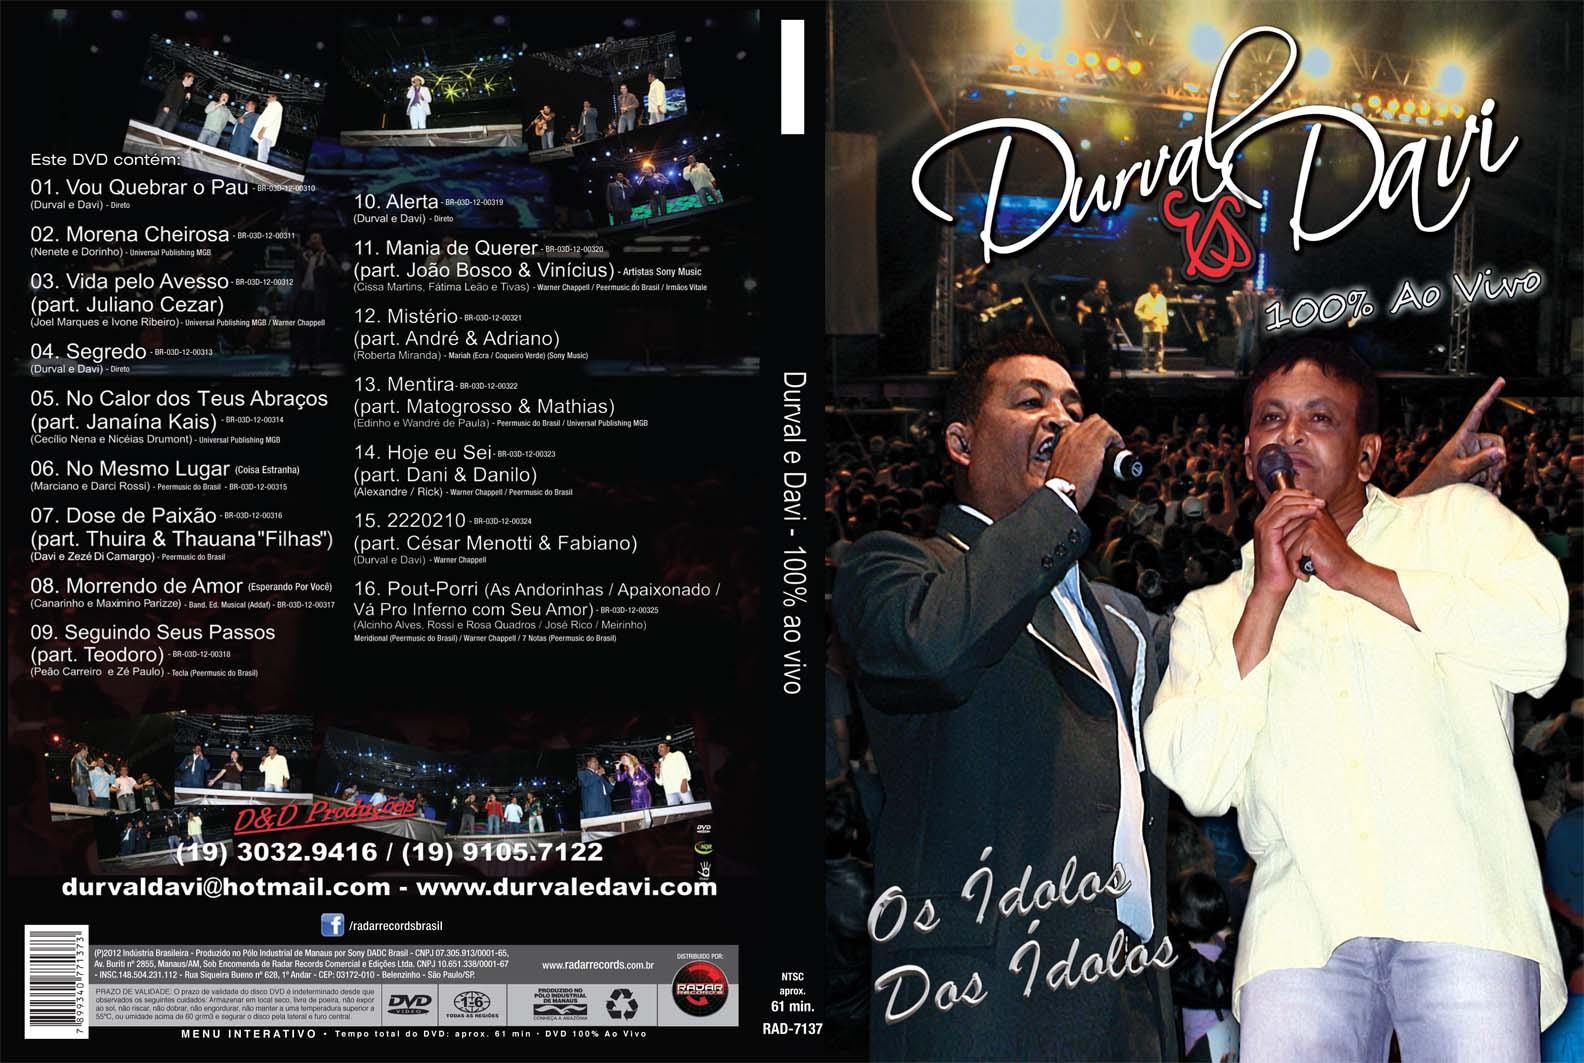 DVD DURVAL & DAVI - 100% AO VIVO